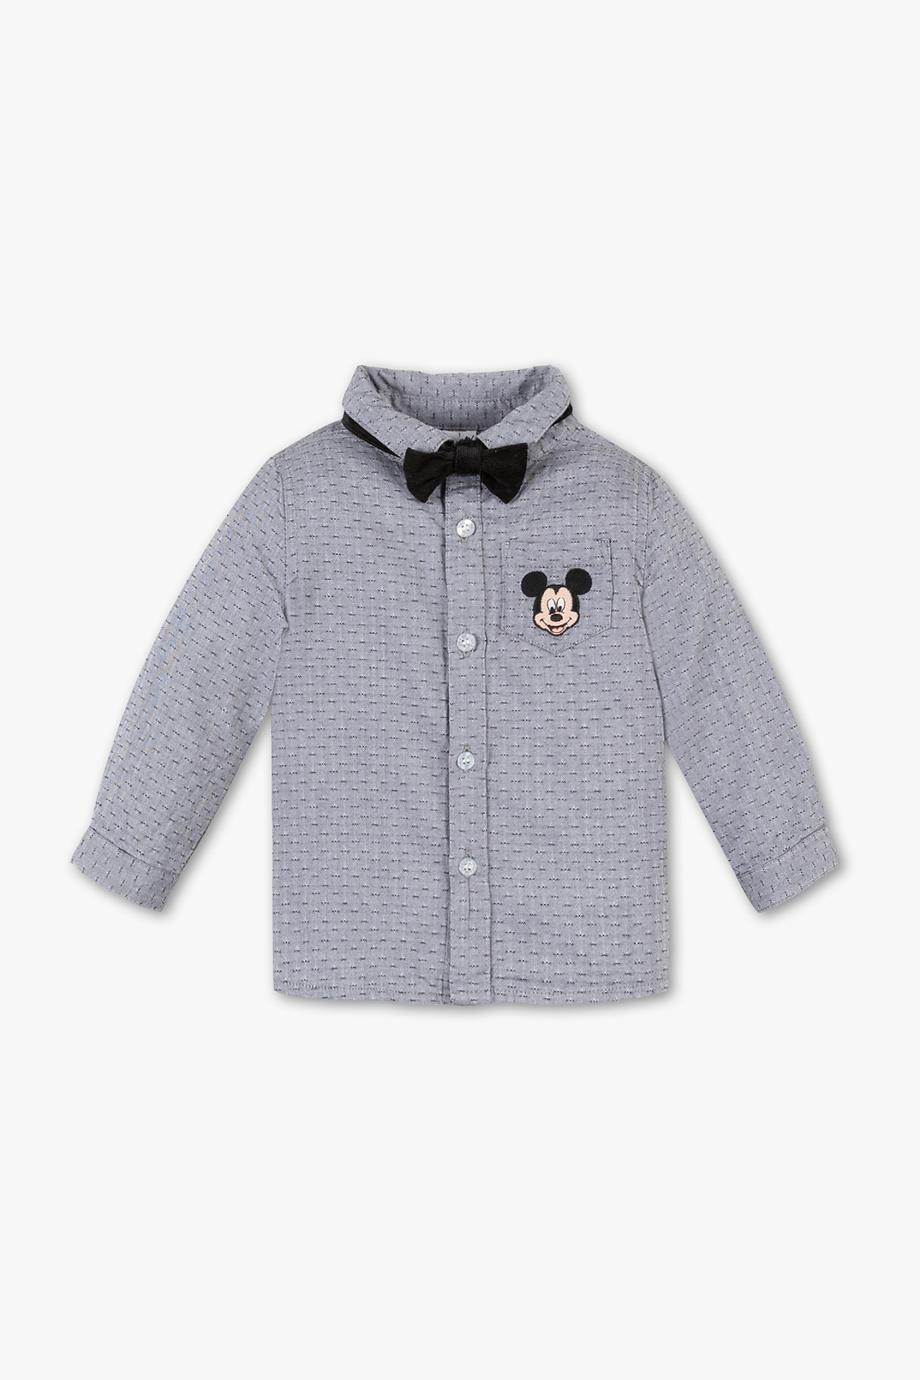 graues Hemd mit Mickymausemblem und fliege